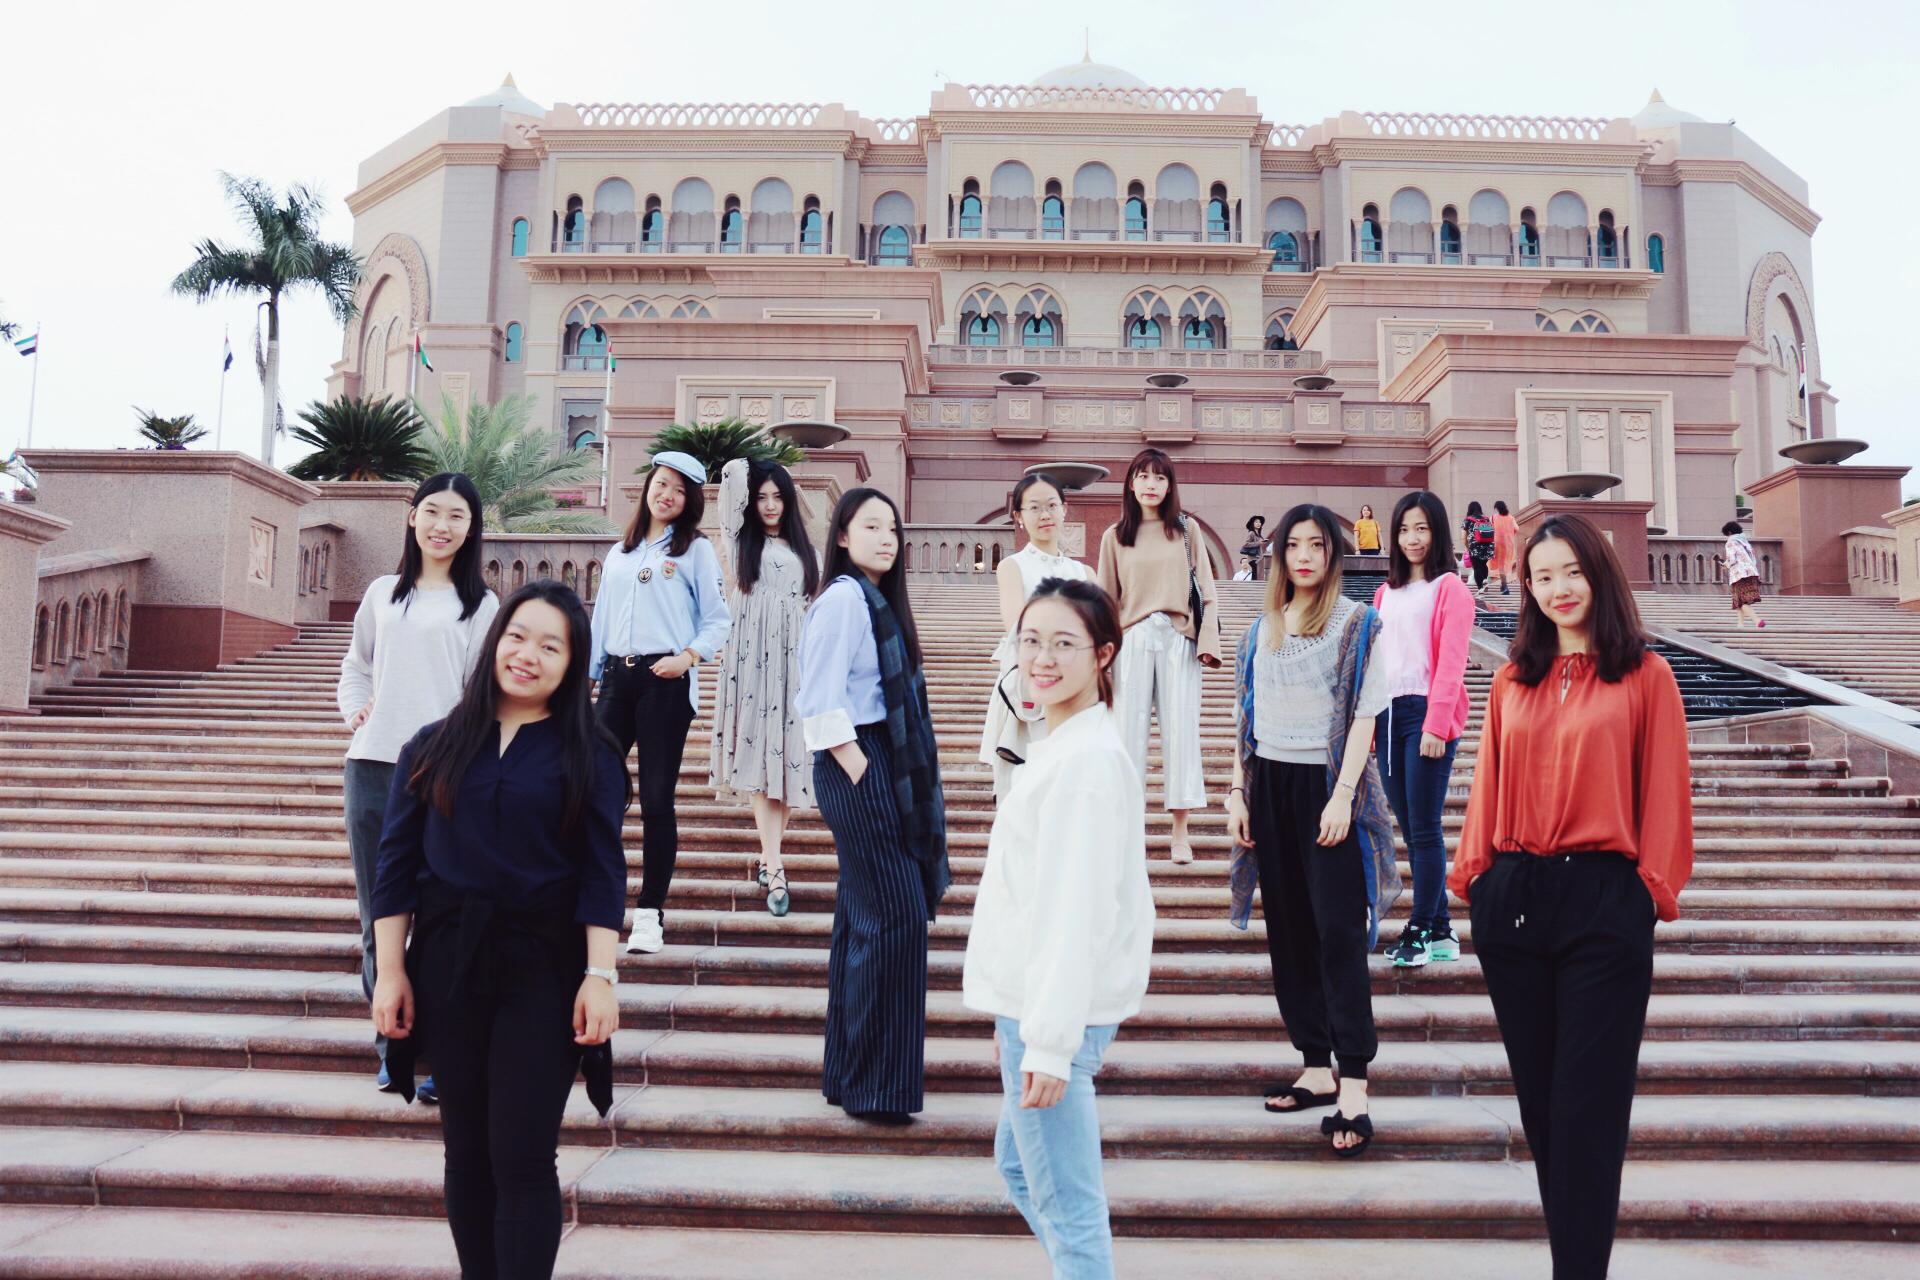 2017年 峰会结束后,部分成员结伴参观阿布扎比八星级皇宫酒店